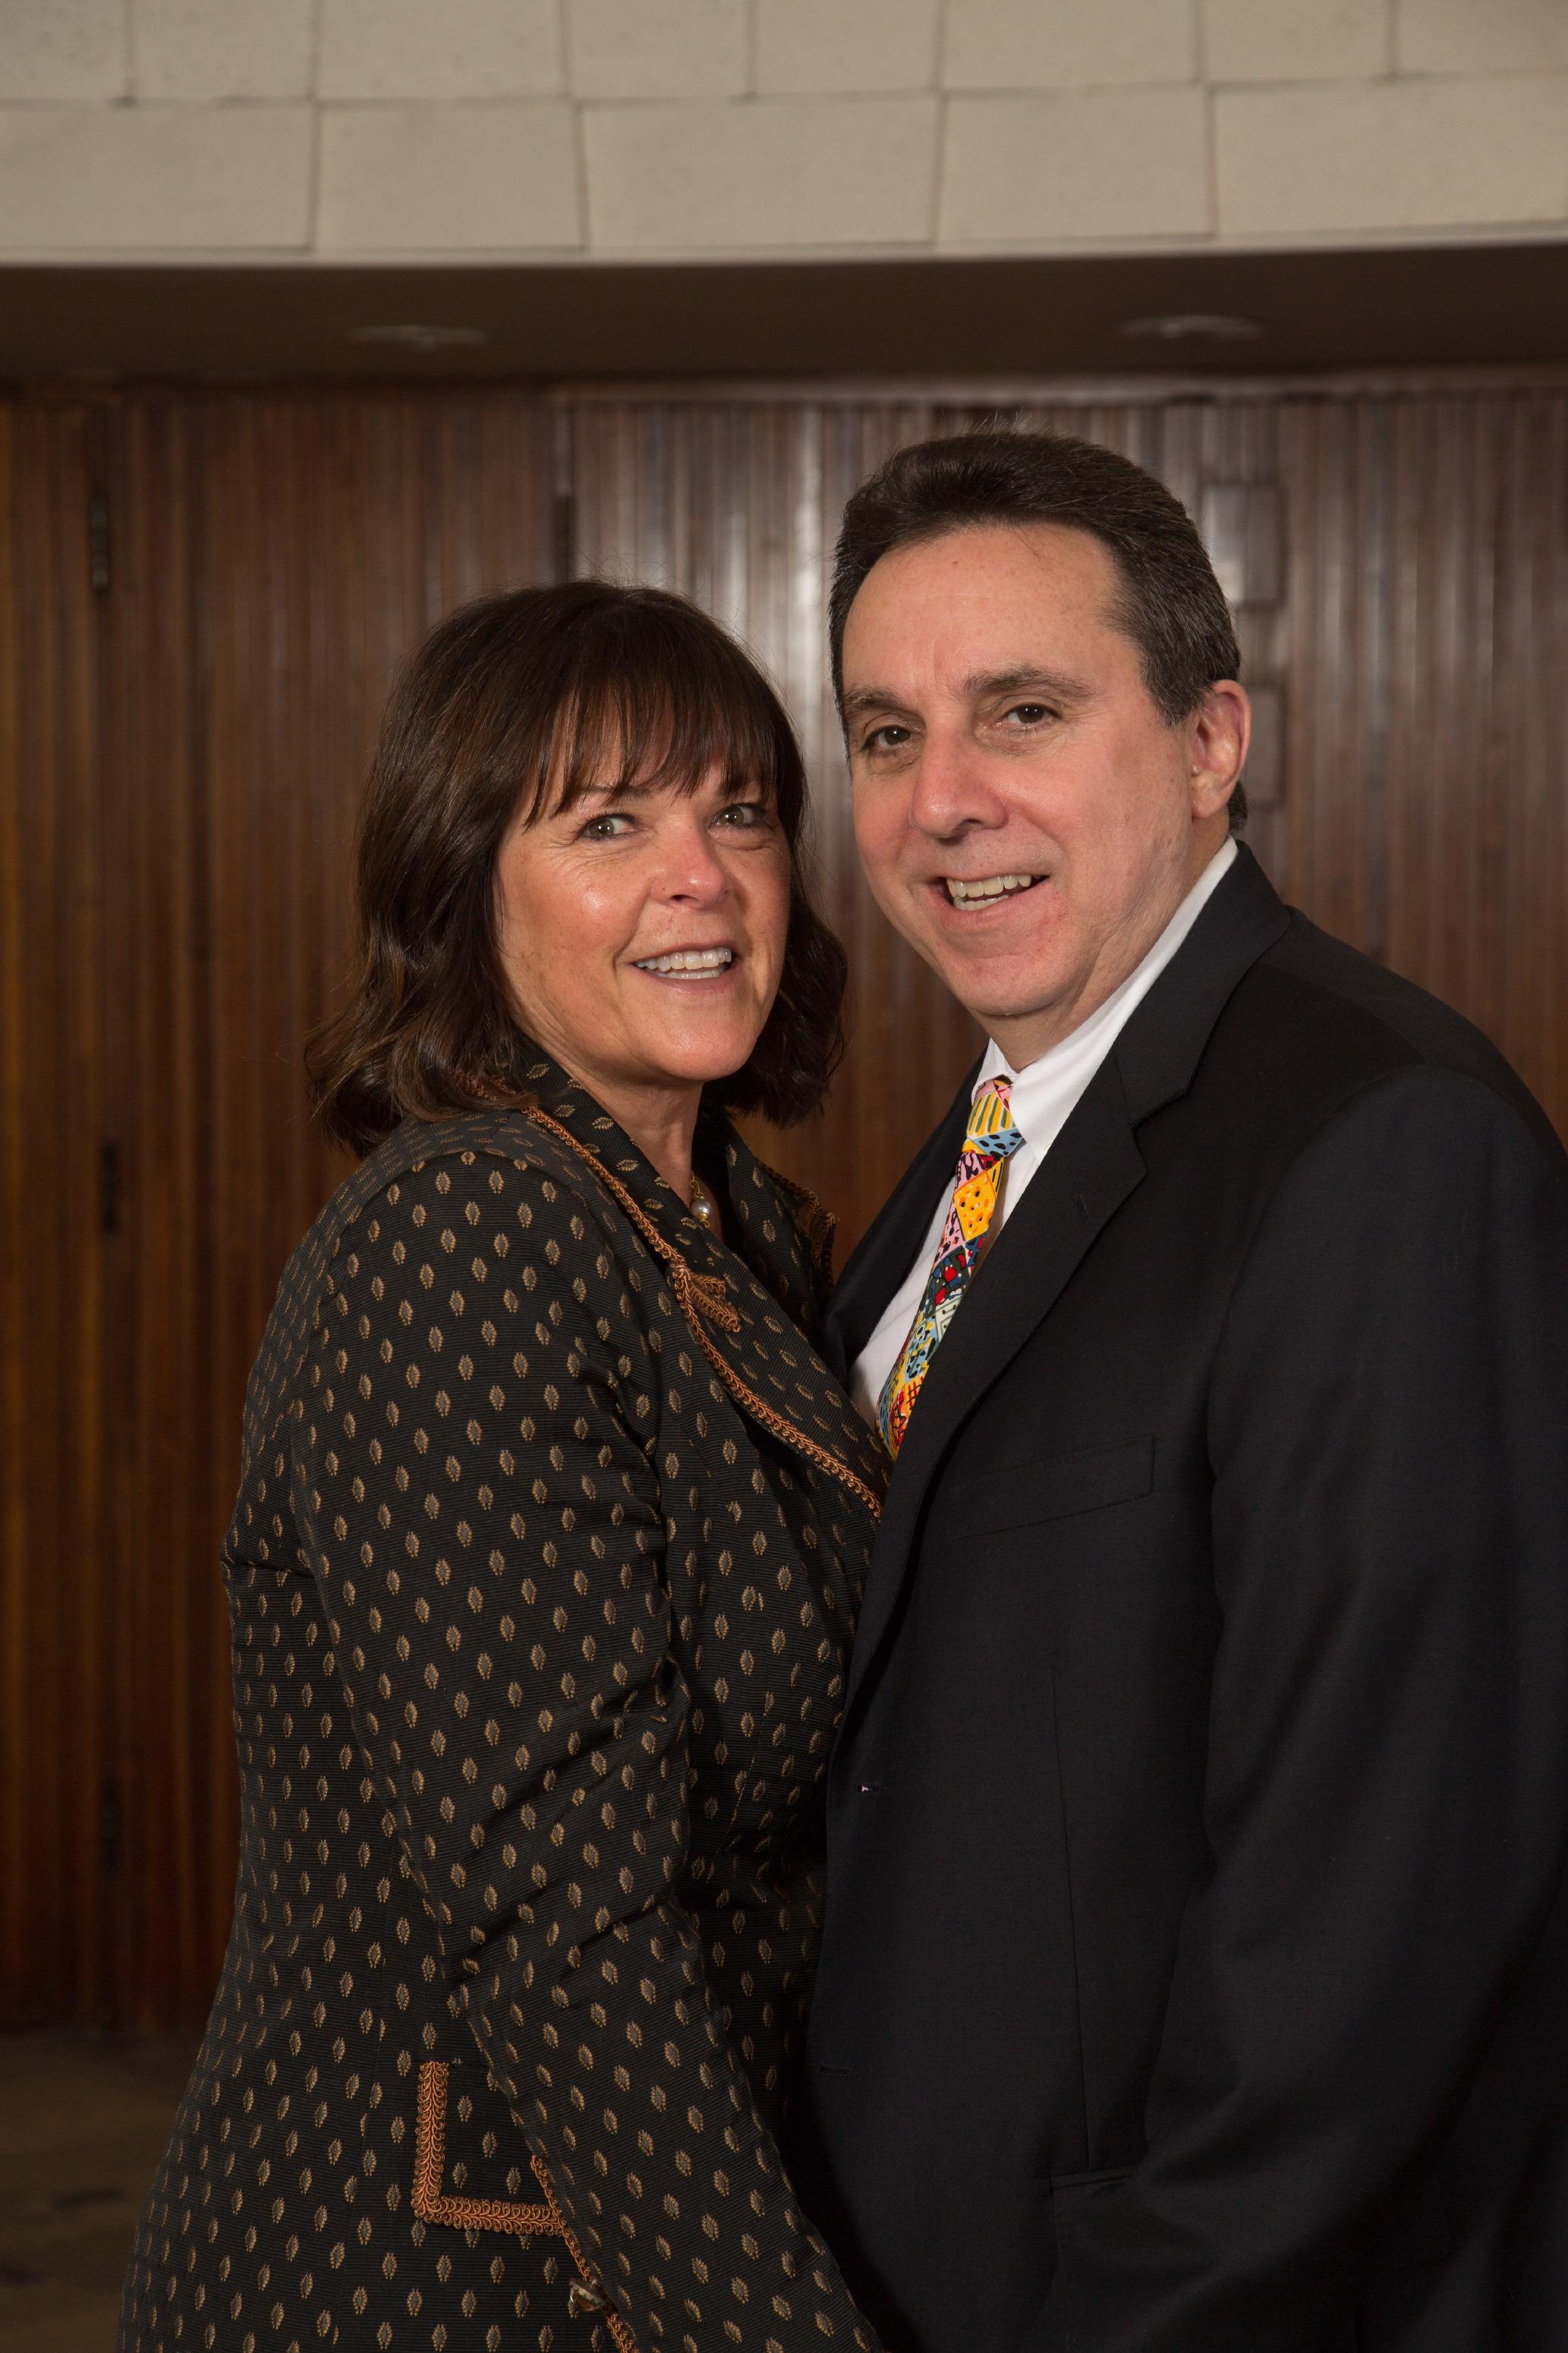 Cheryl and Bill Davidson